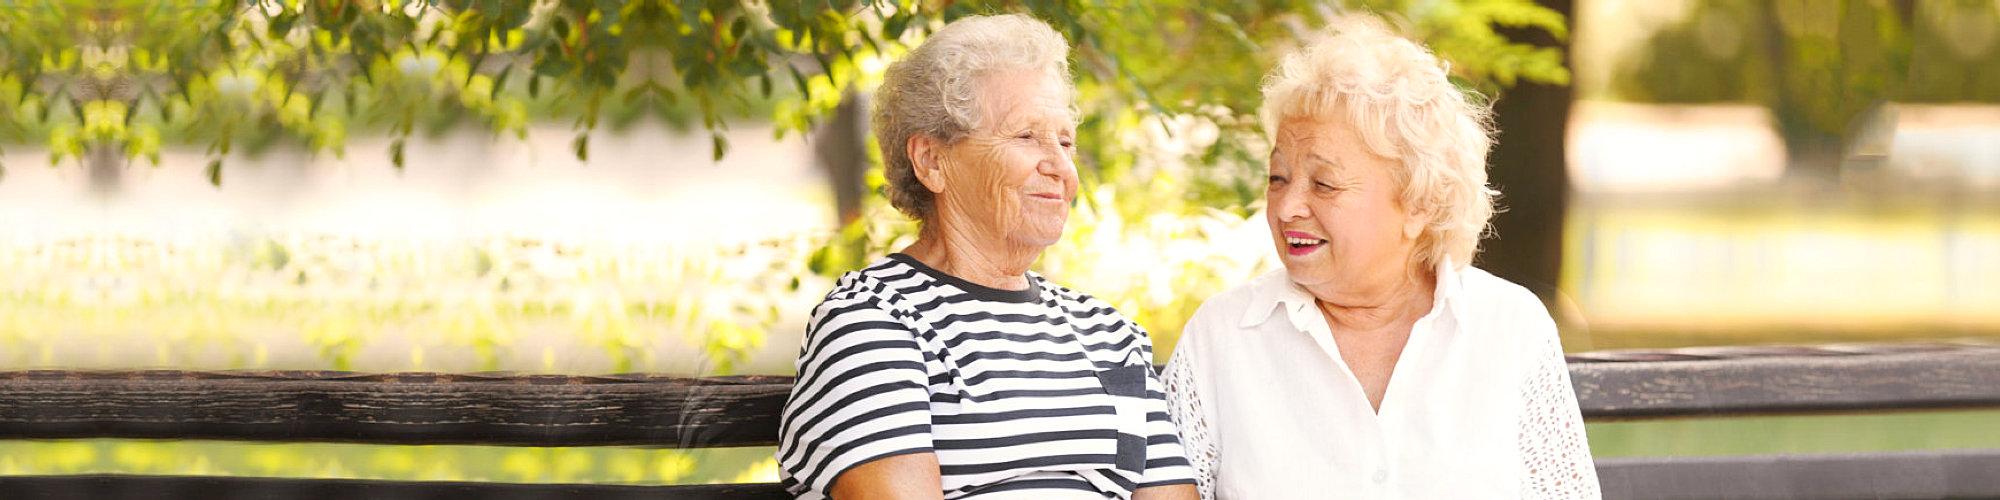 elderly women resting at the park